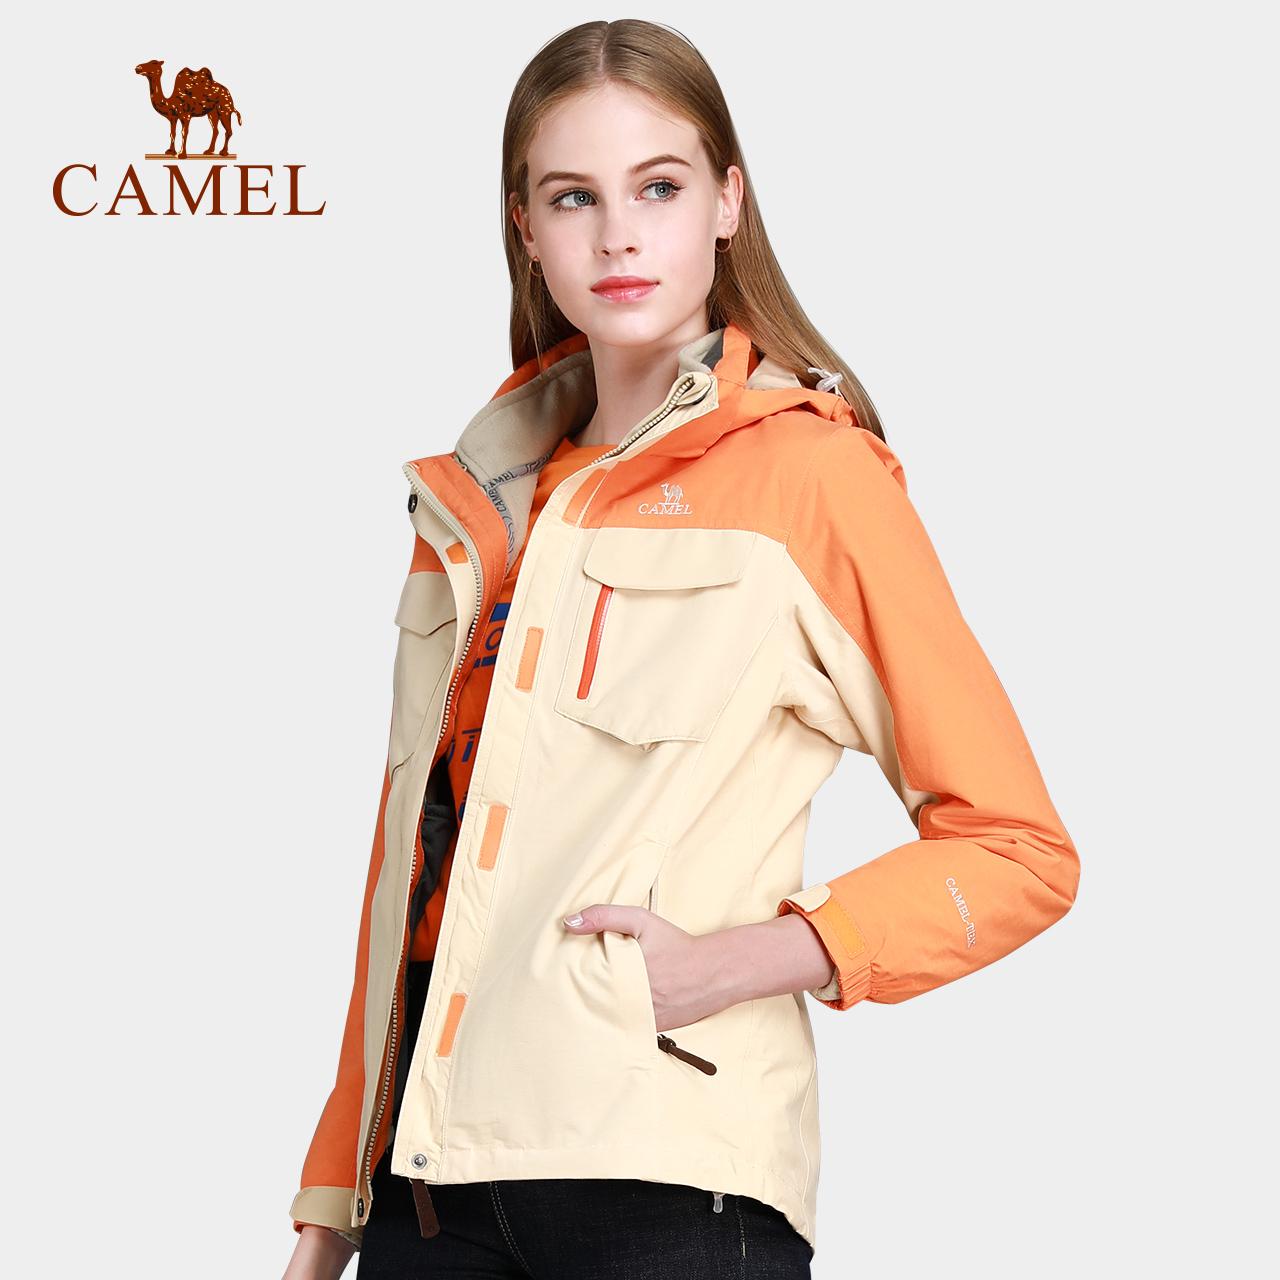 骆驼户外三合一冲锋衣可拆卸防水防风加绒加厚保暖男女情侣登山服